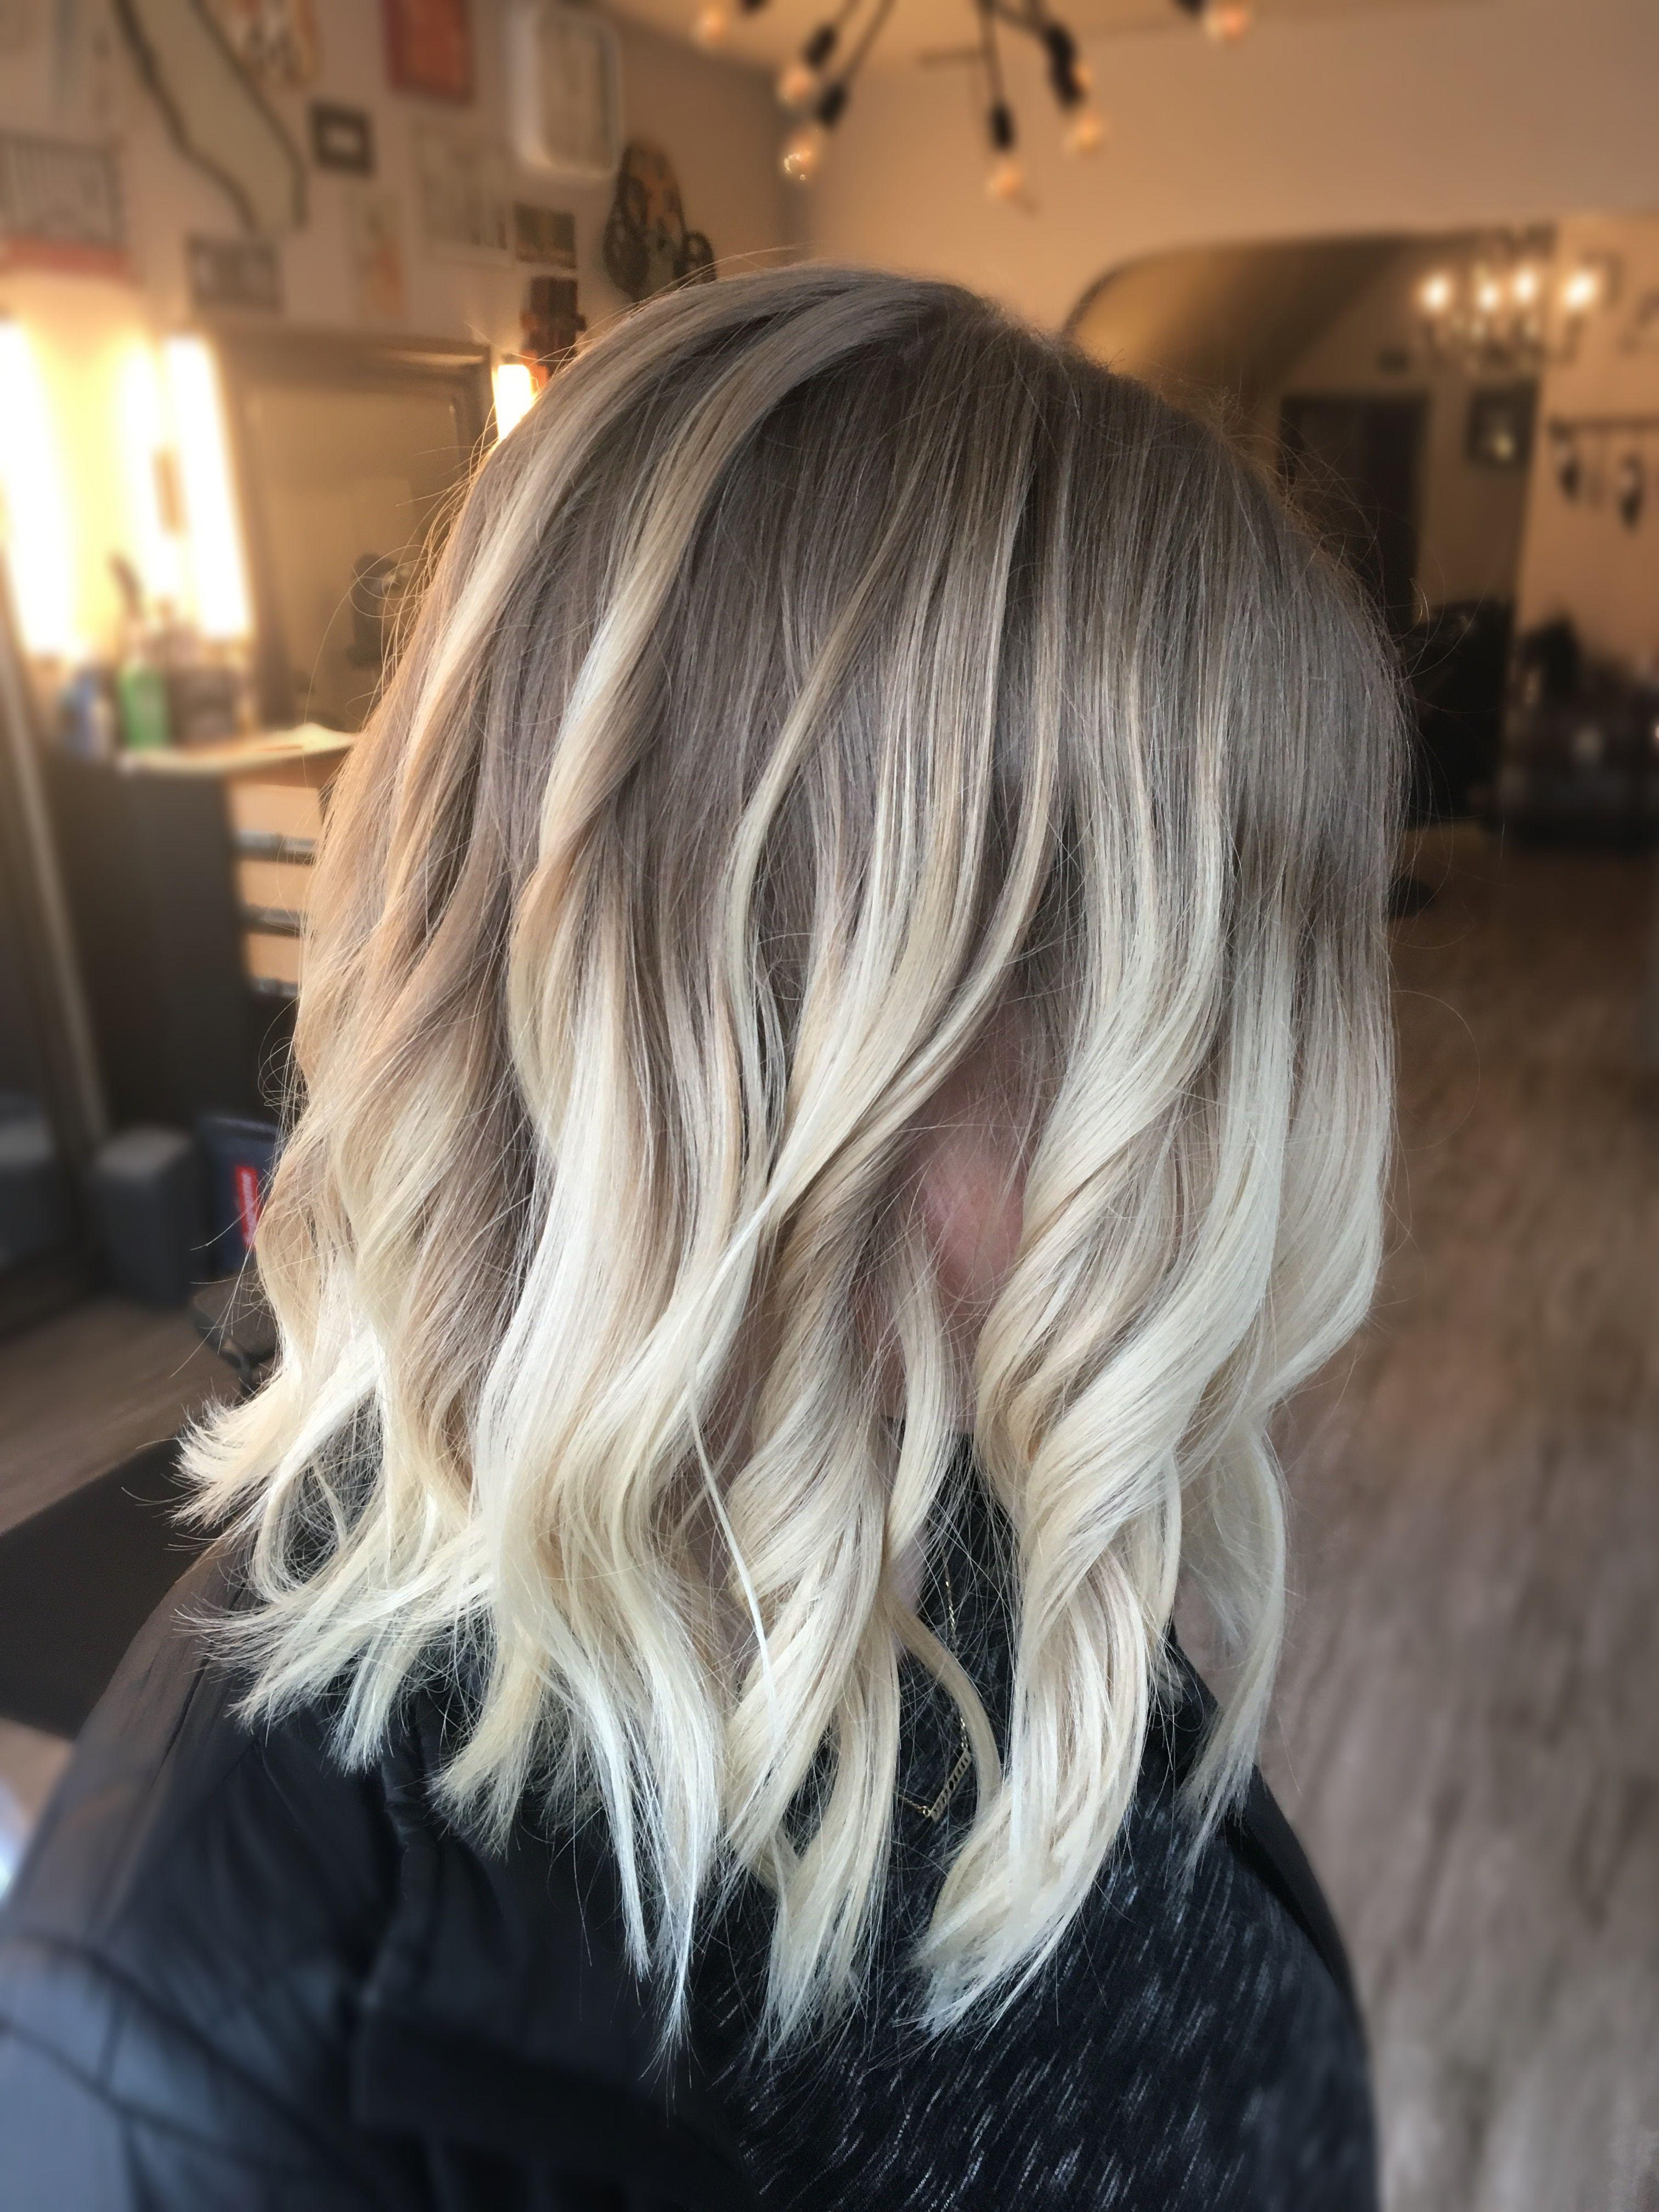 Natural Light Blonde Balayage Hair Painting Natural Highlights